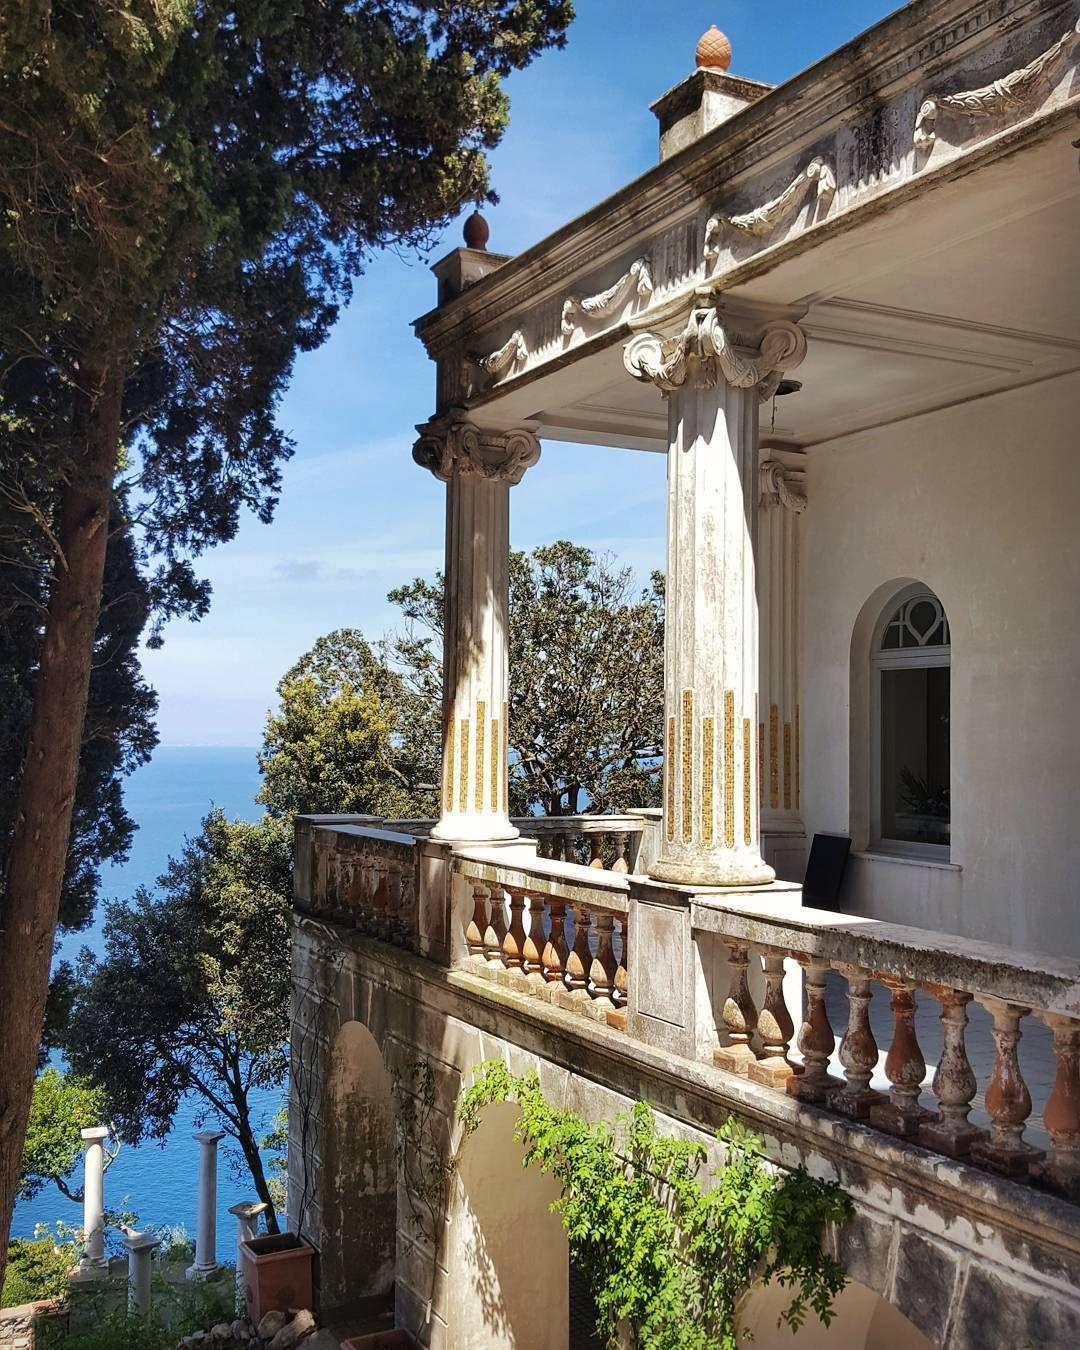 Villa Lysis on the Island of Capri Italy capri italy